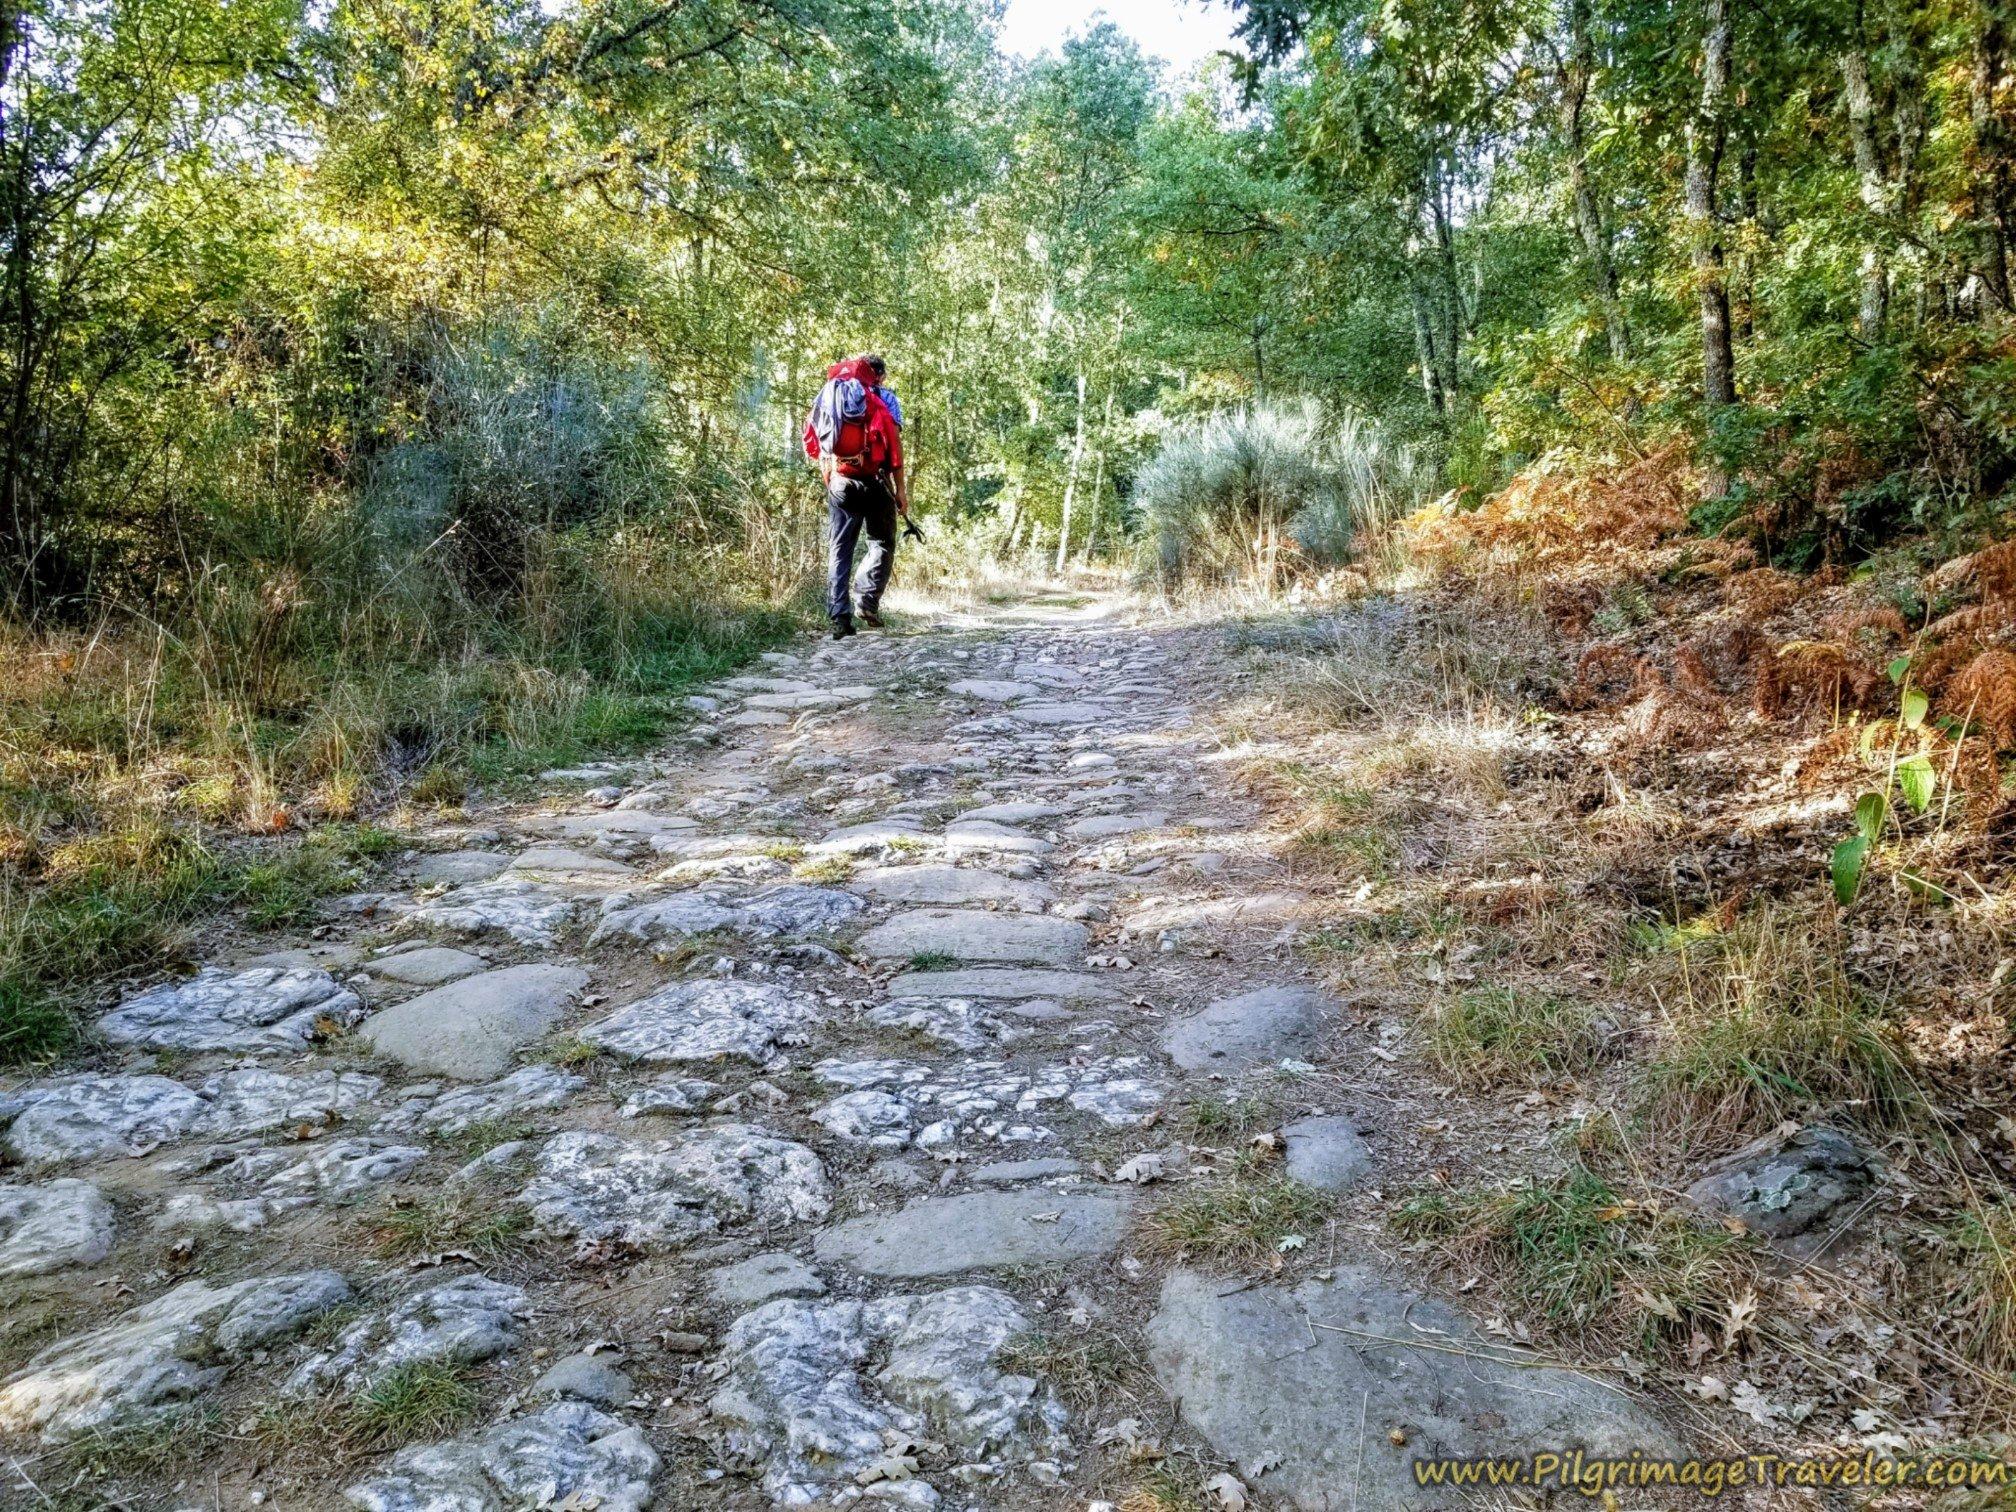 Paved Roman Road on the Way to Puebla de Sanabria